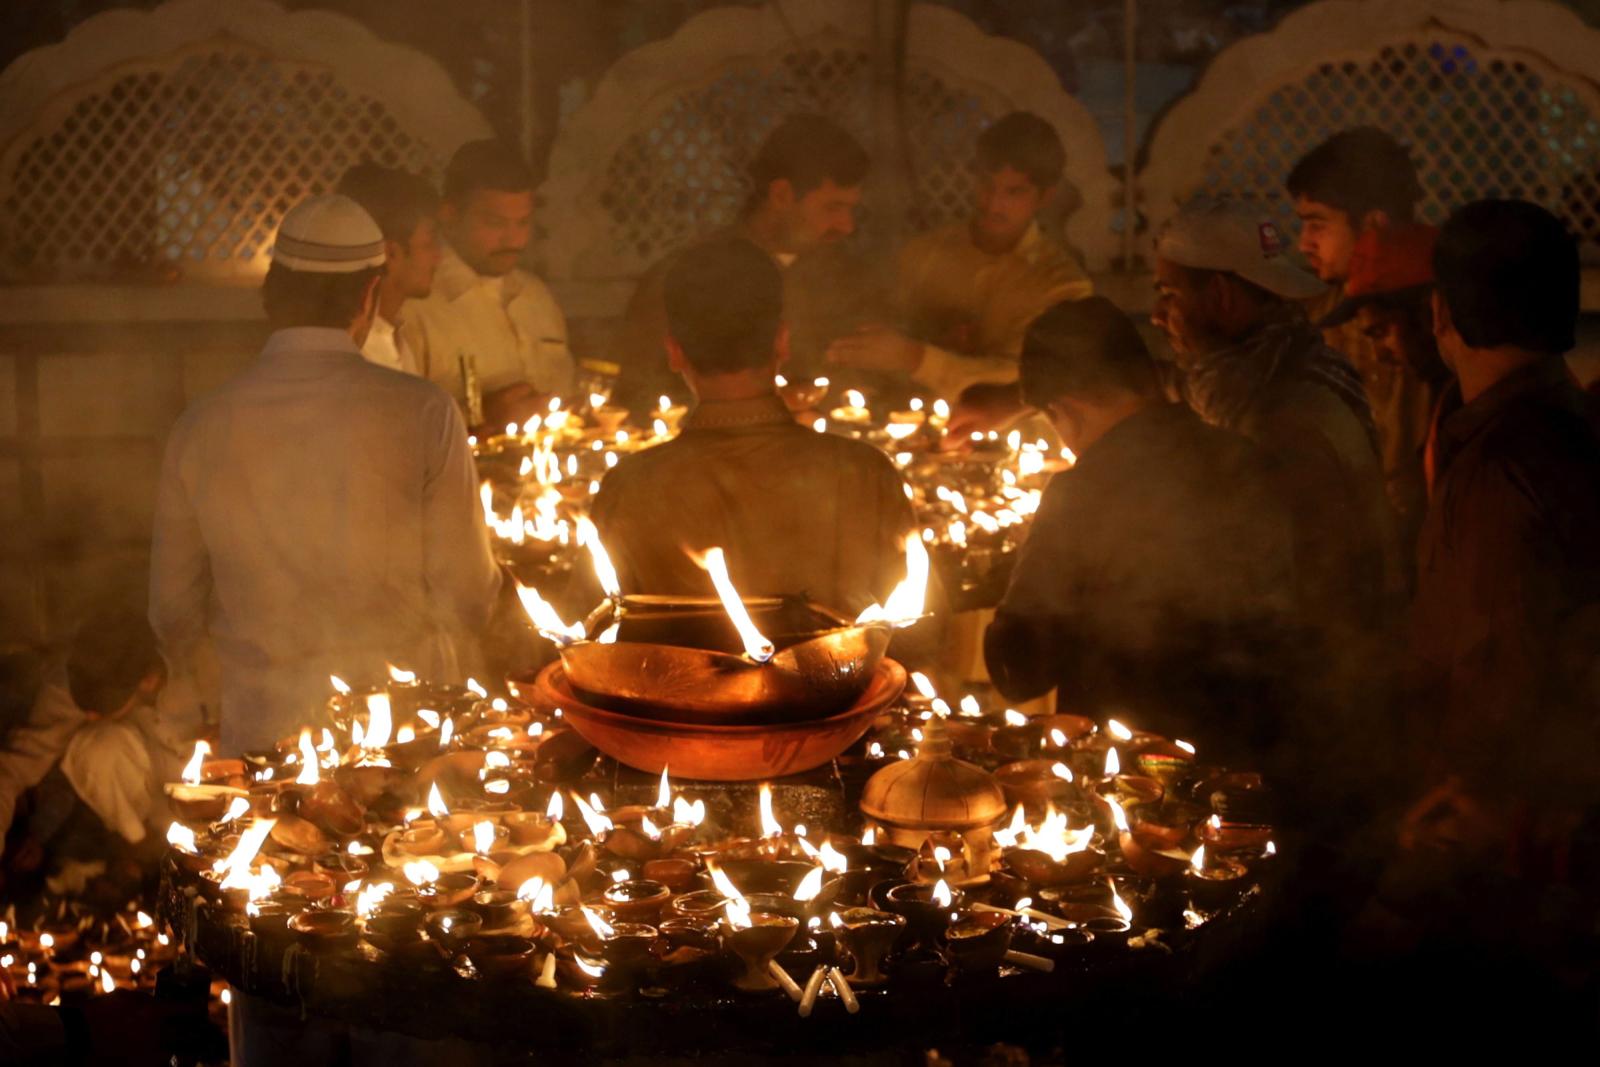 Wierni gromadzą się wokół miejsca kultu muzułmańskiego świętego znanego jako Hazrat Data Ganj Bakhsh w Lahore, Pakistan.